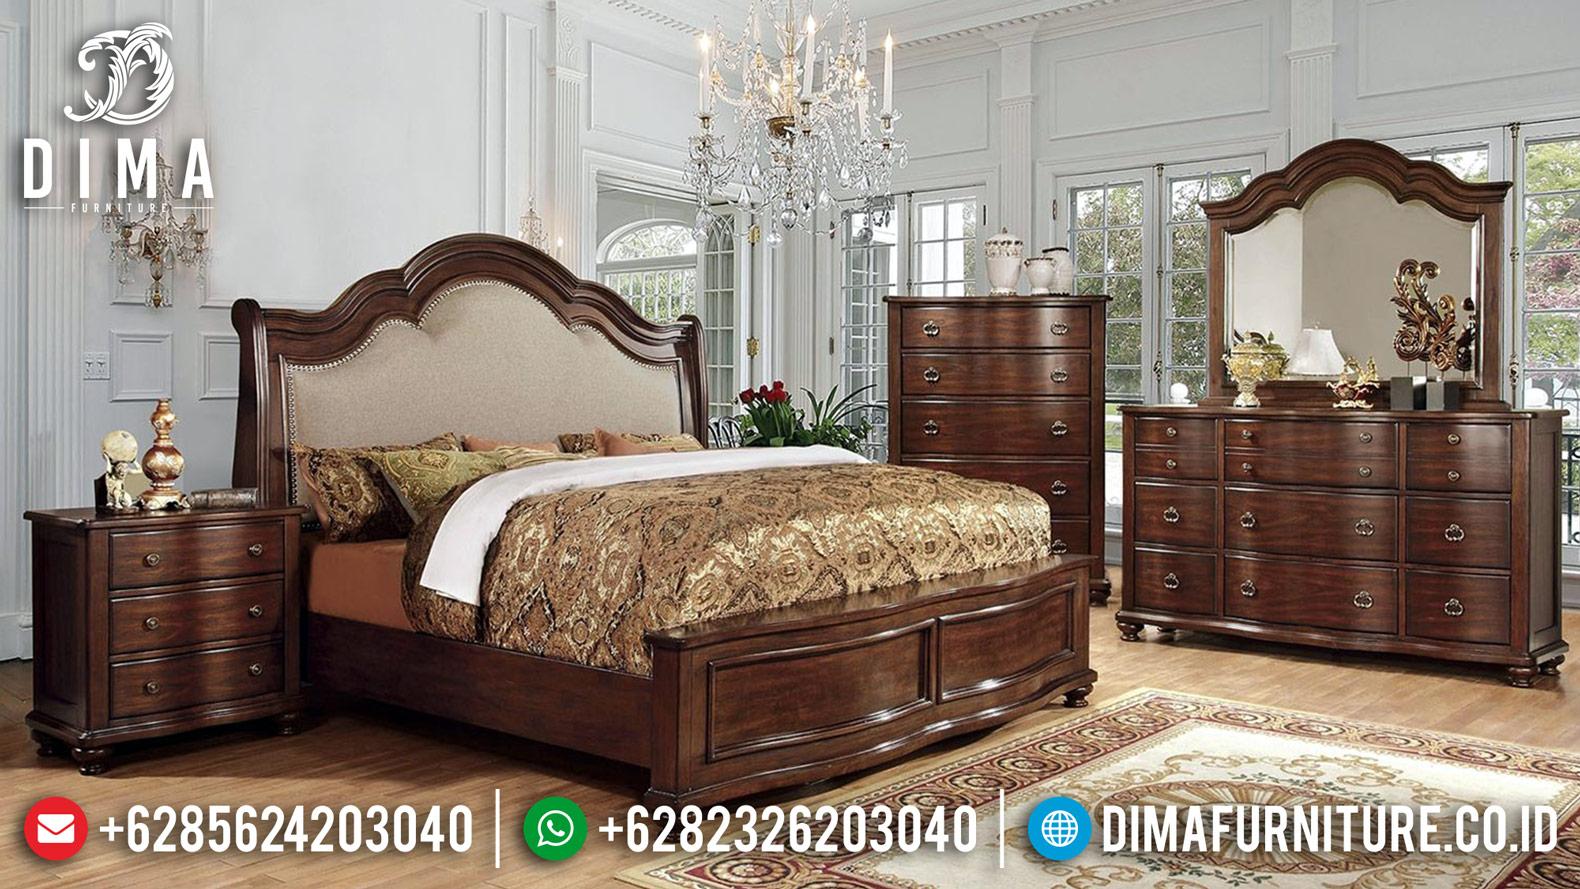 New Elegant Tempat Tidur Jepara Jati Minimalis Natural Salak DF-1196